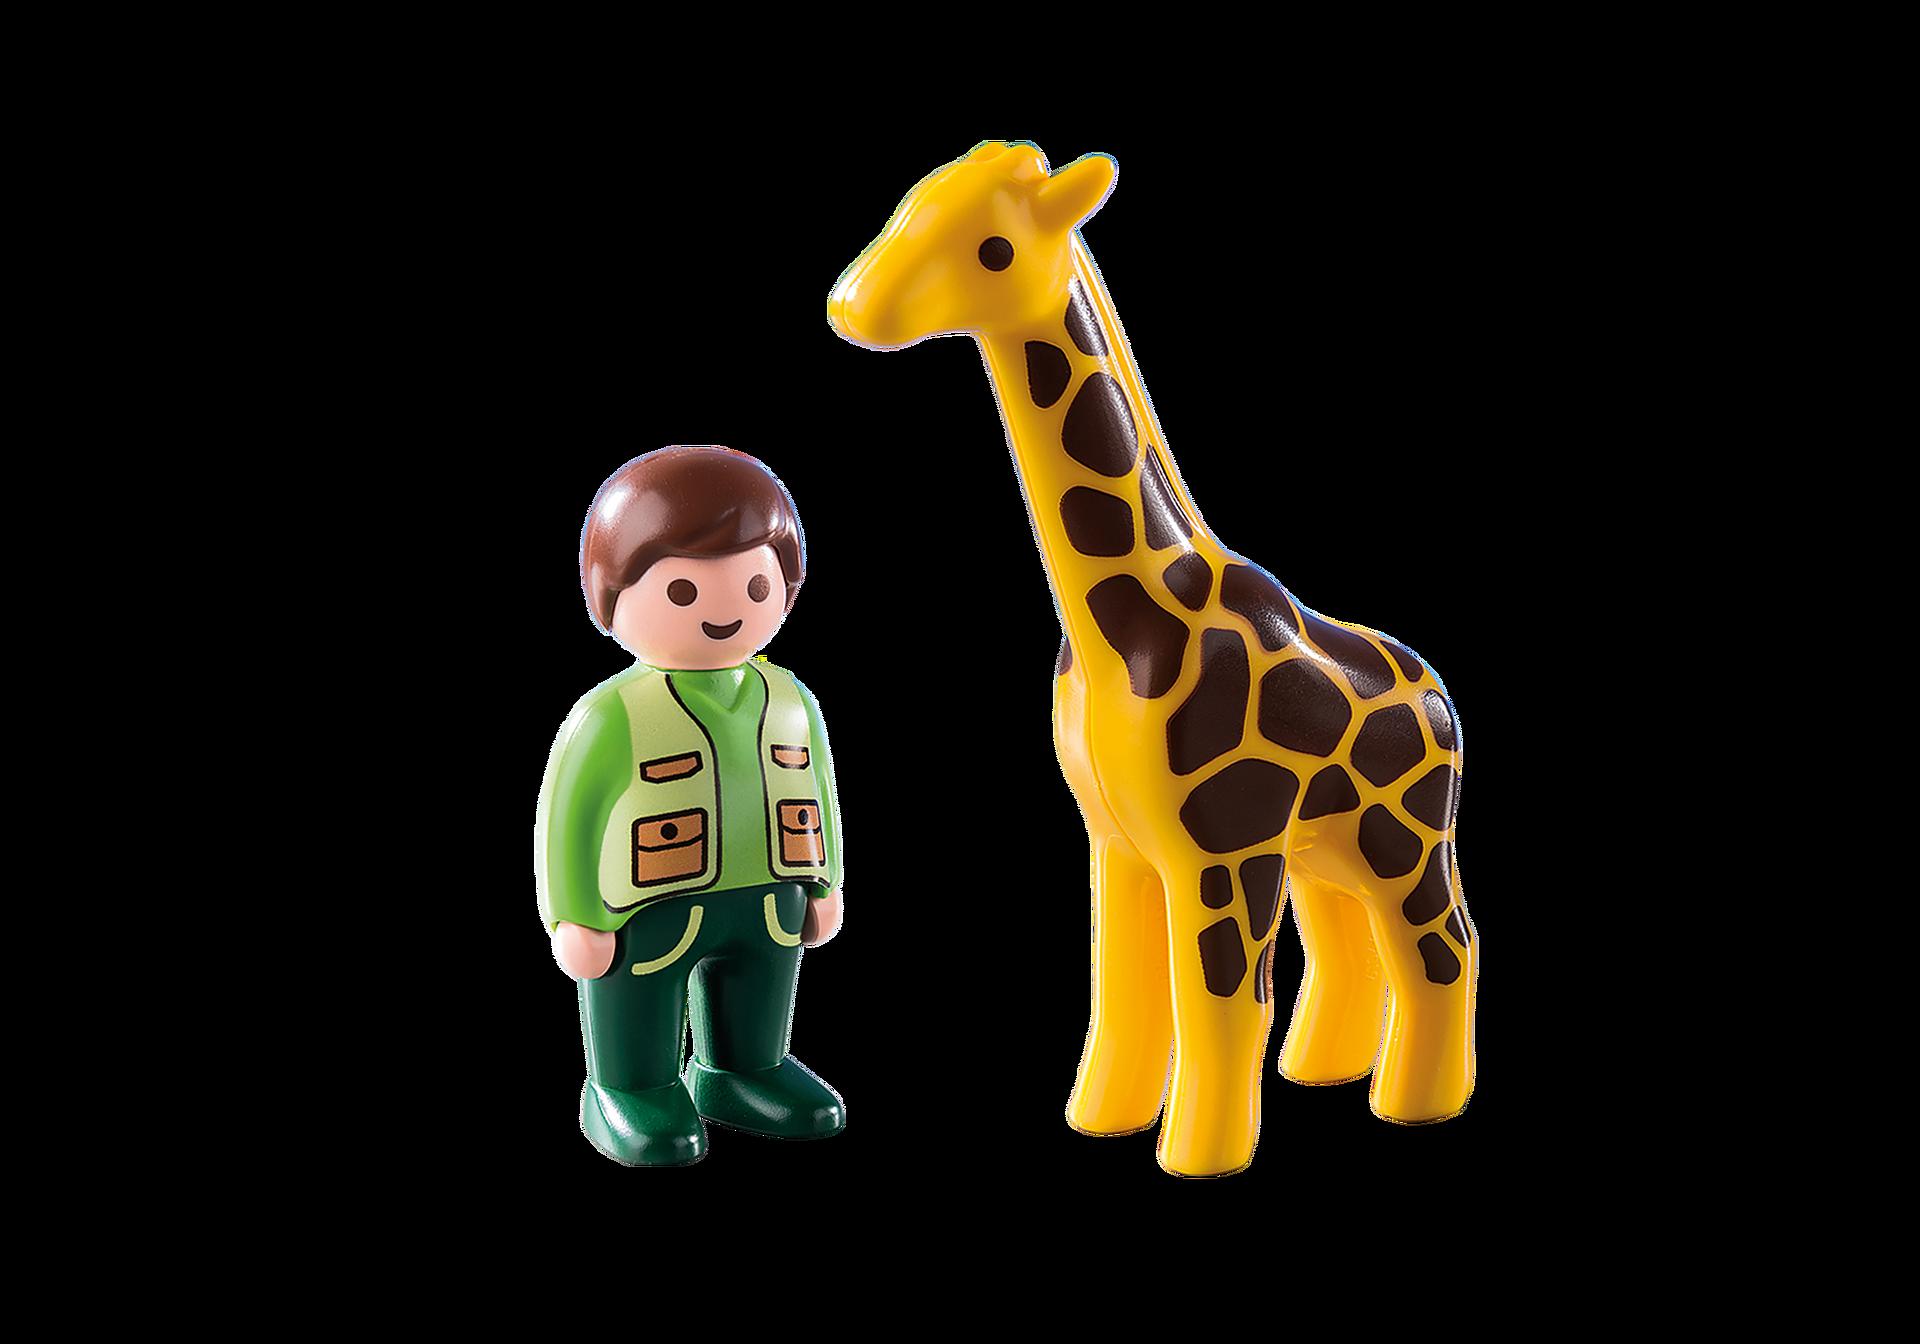 9380 Custode dello zoo con giraffa 1.2.3 zoom image4